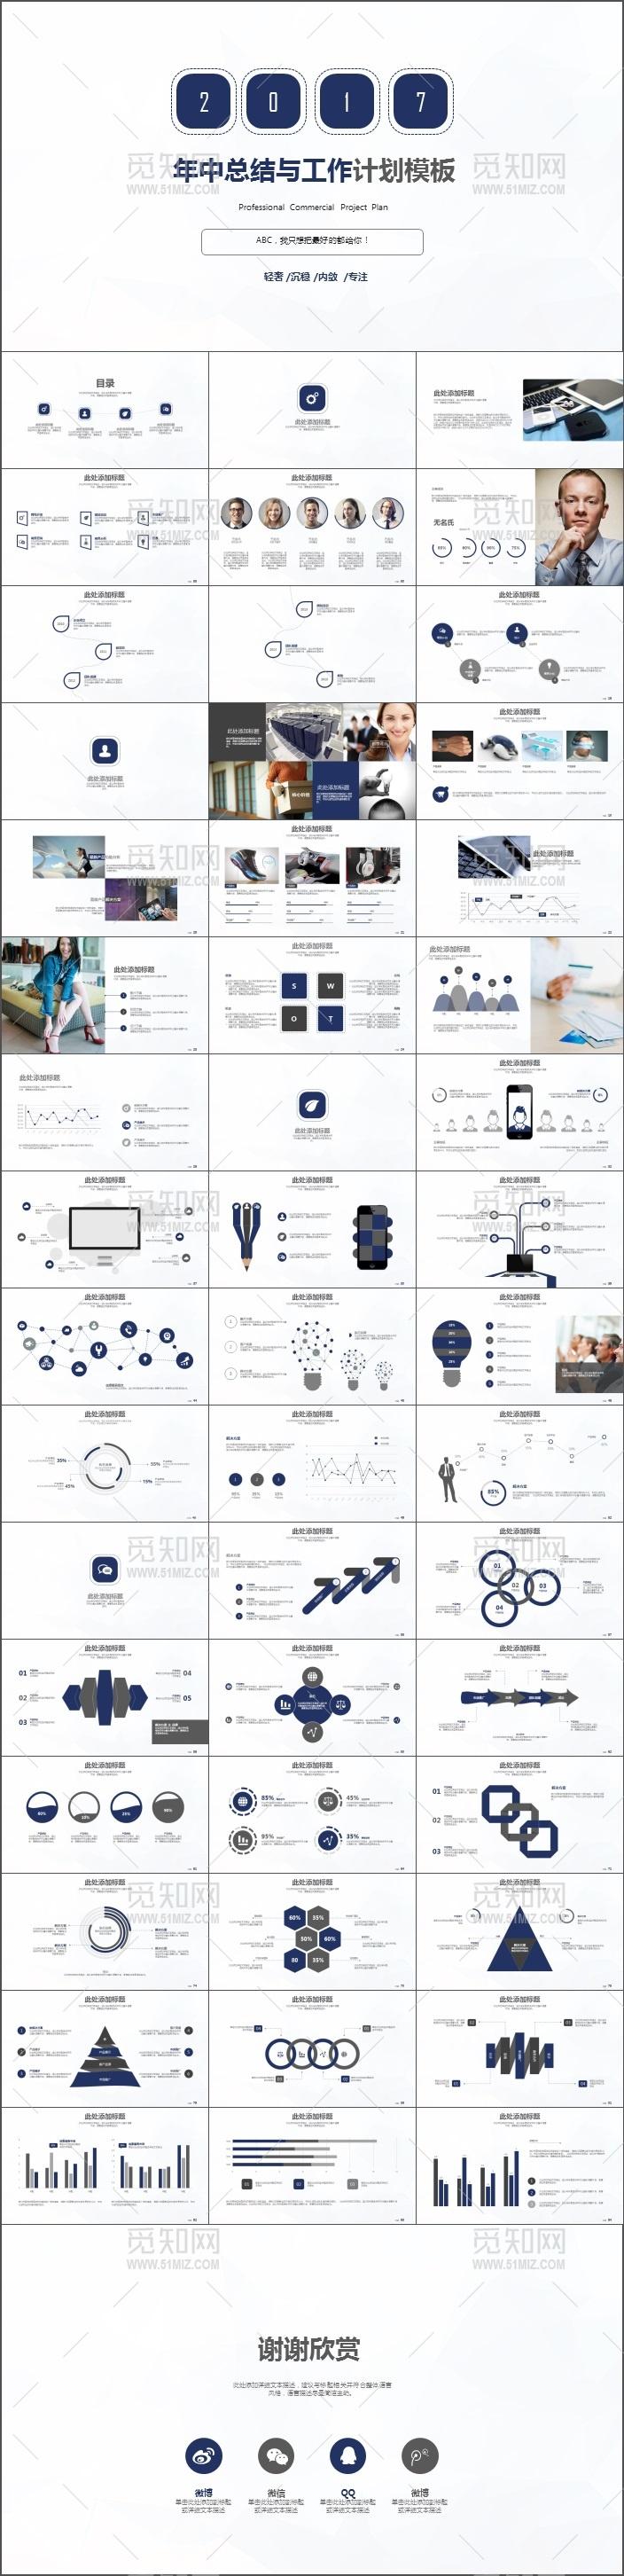 2017深蓝年中总结工作计划商务PPT模板